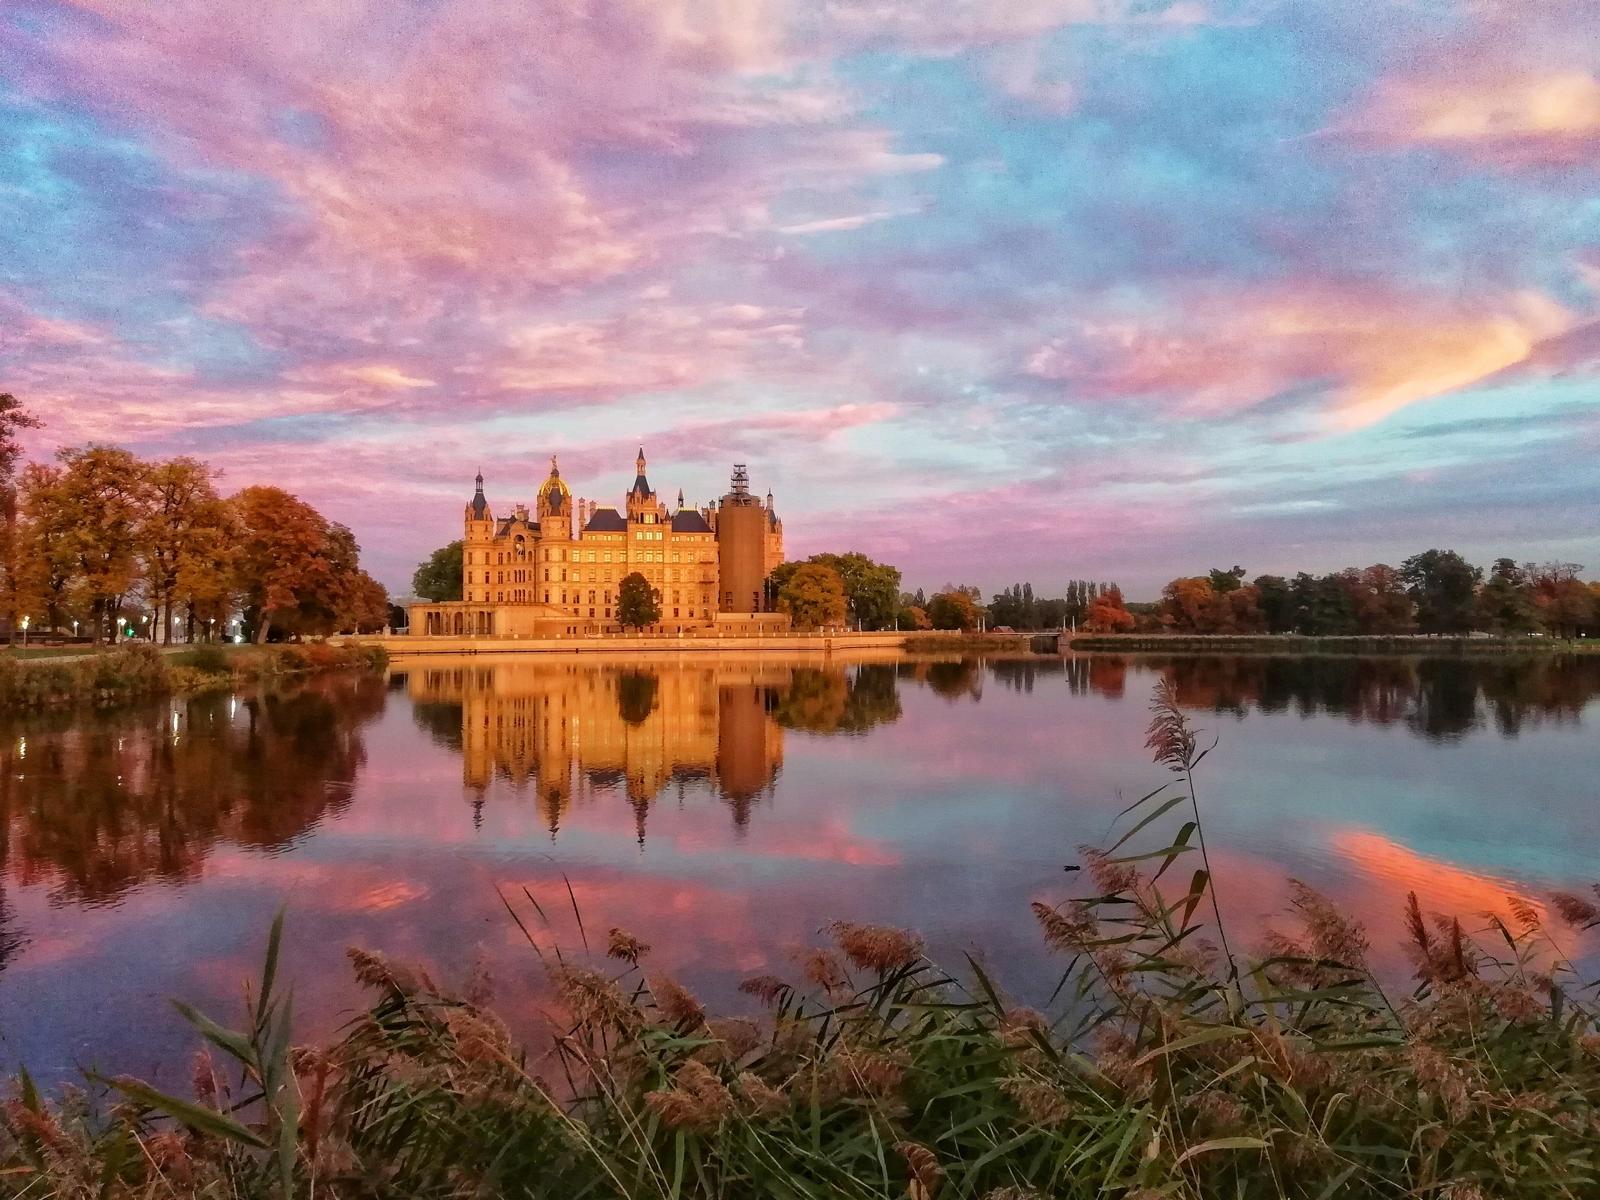 Sonnenuntergang am Schweriner See